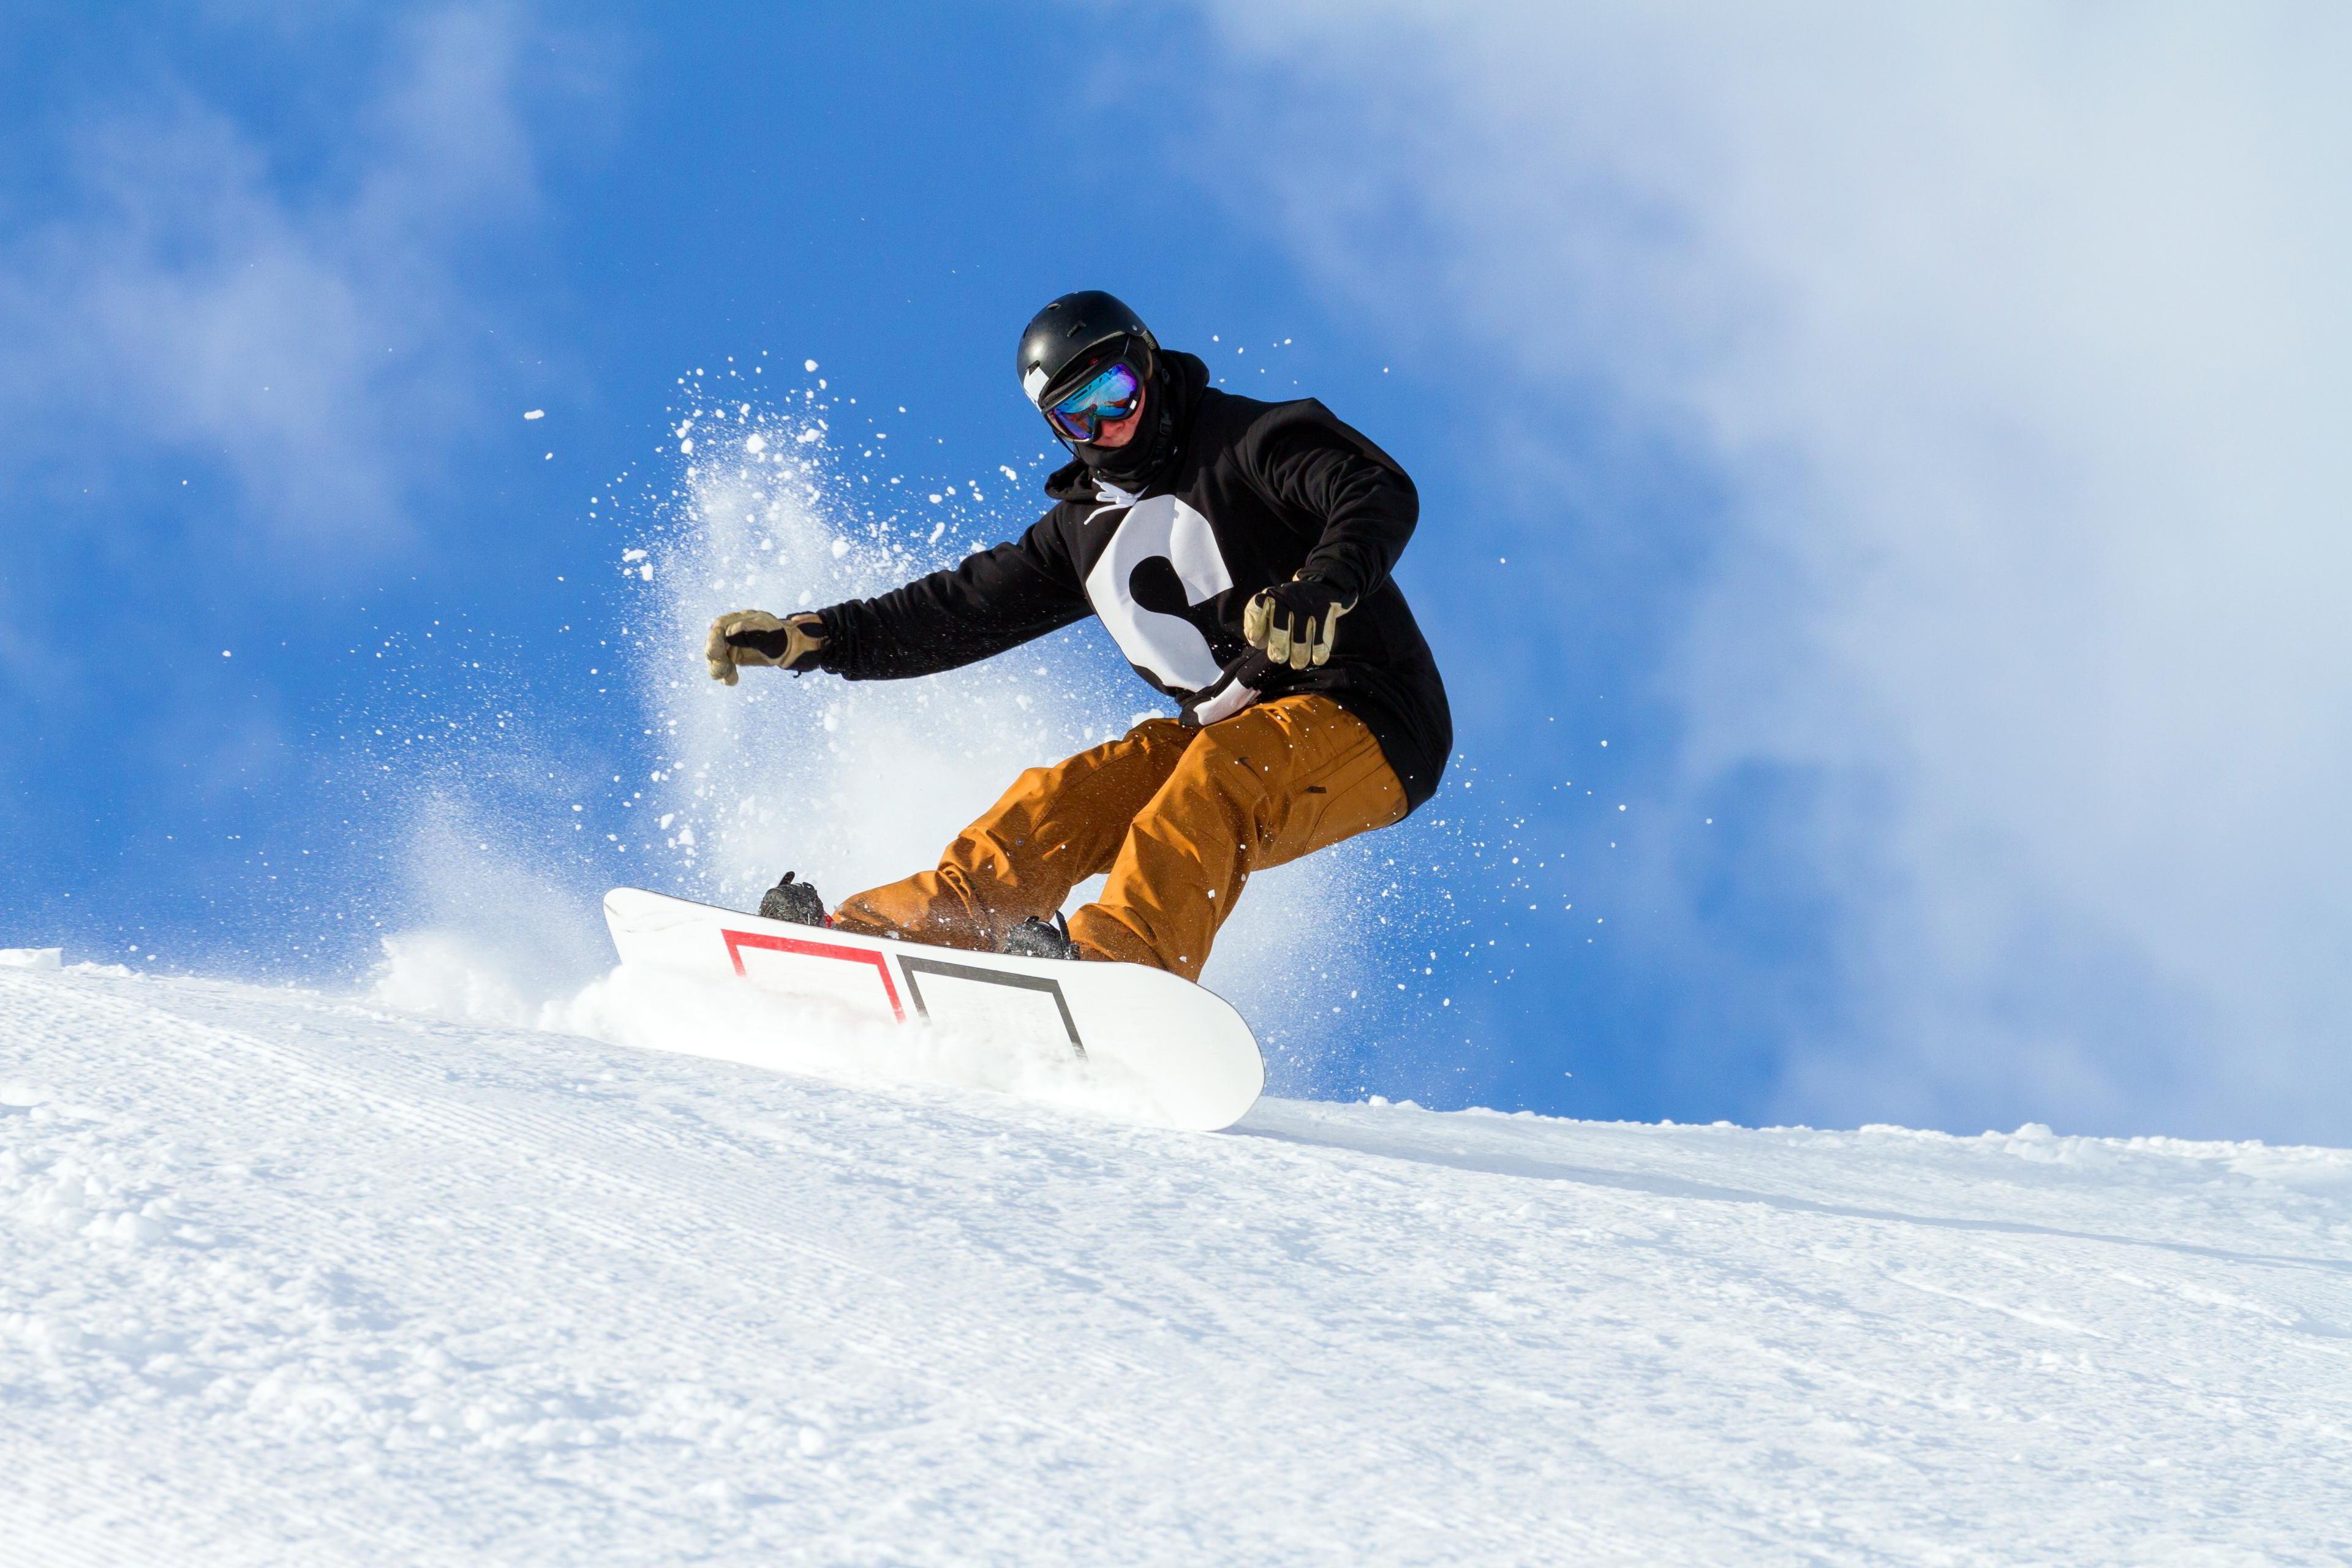 Snowboarding snowboard winter snow sports ski wallpaper for Smow gutschein